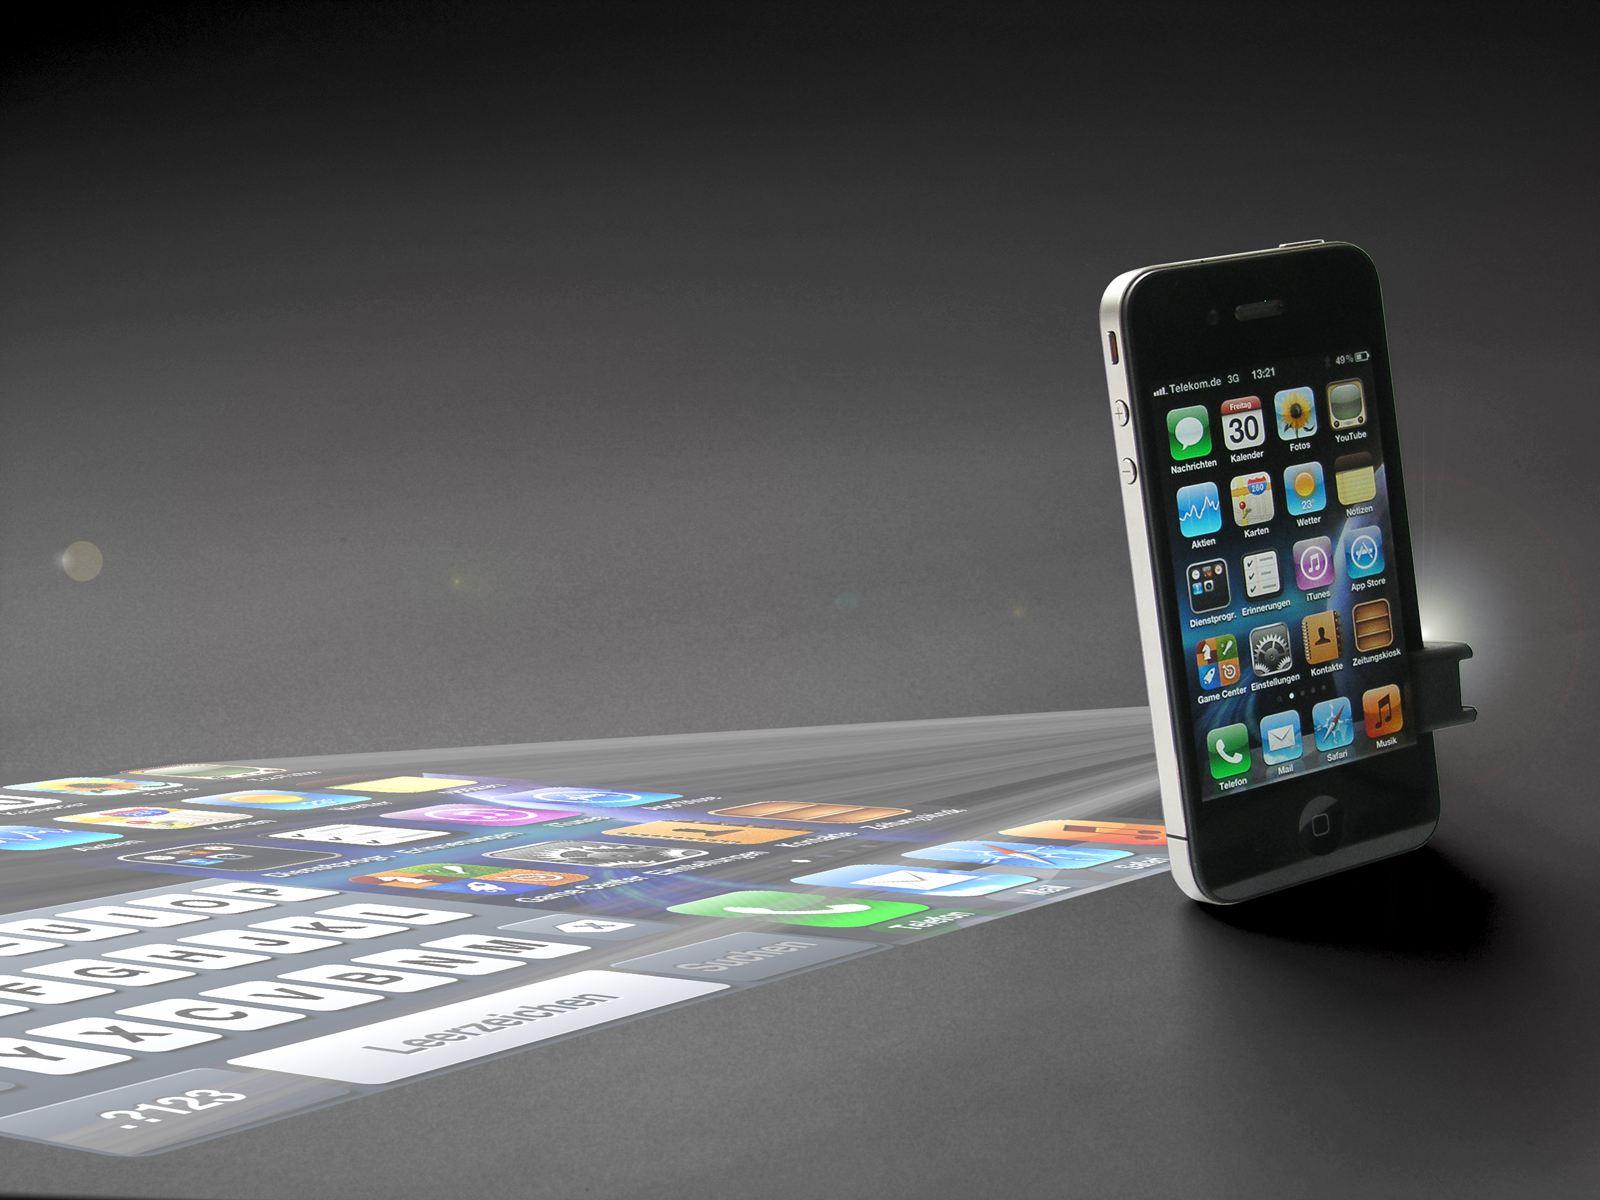 喜报销无缝接入微信企业号 企业员工可在微信上移动报销